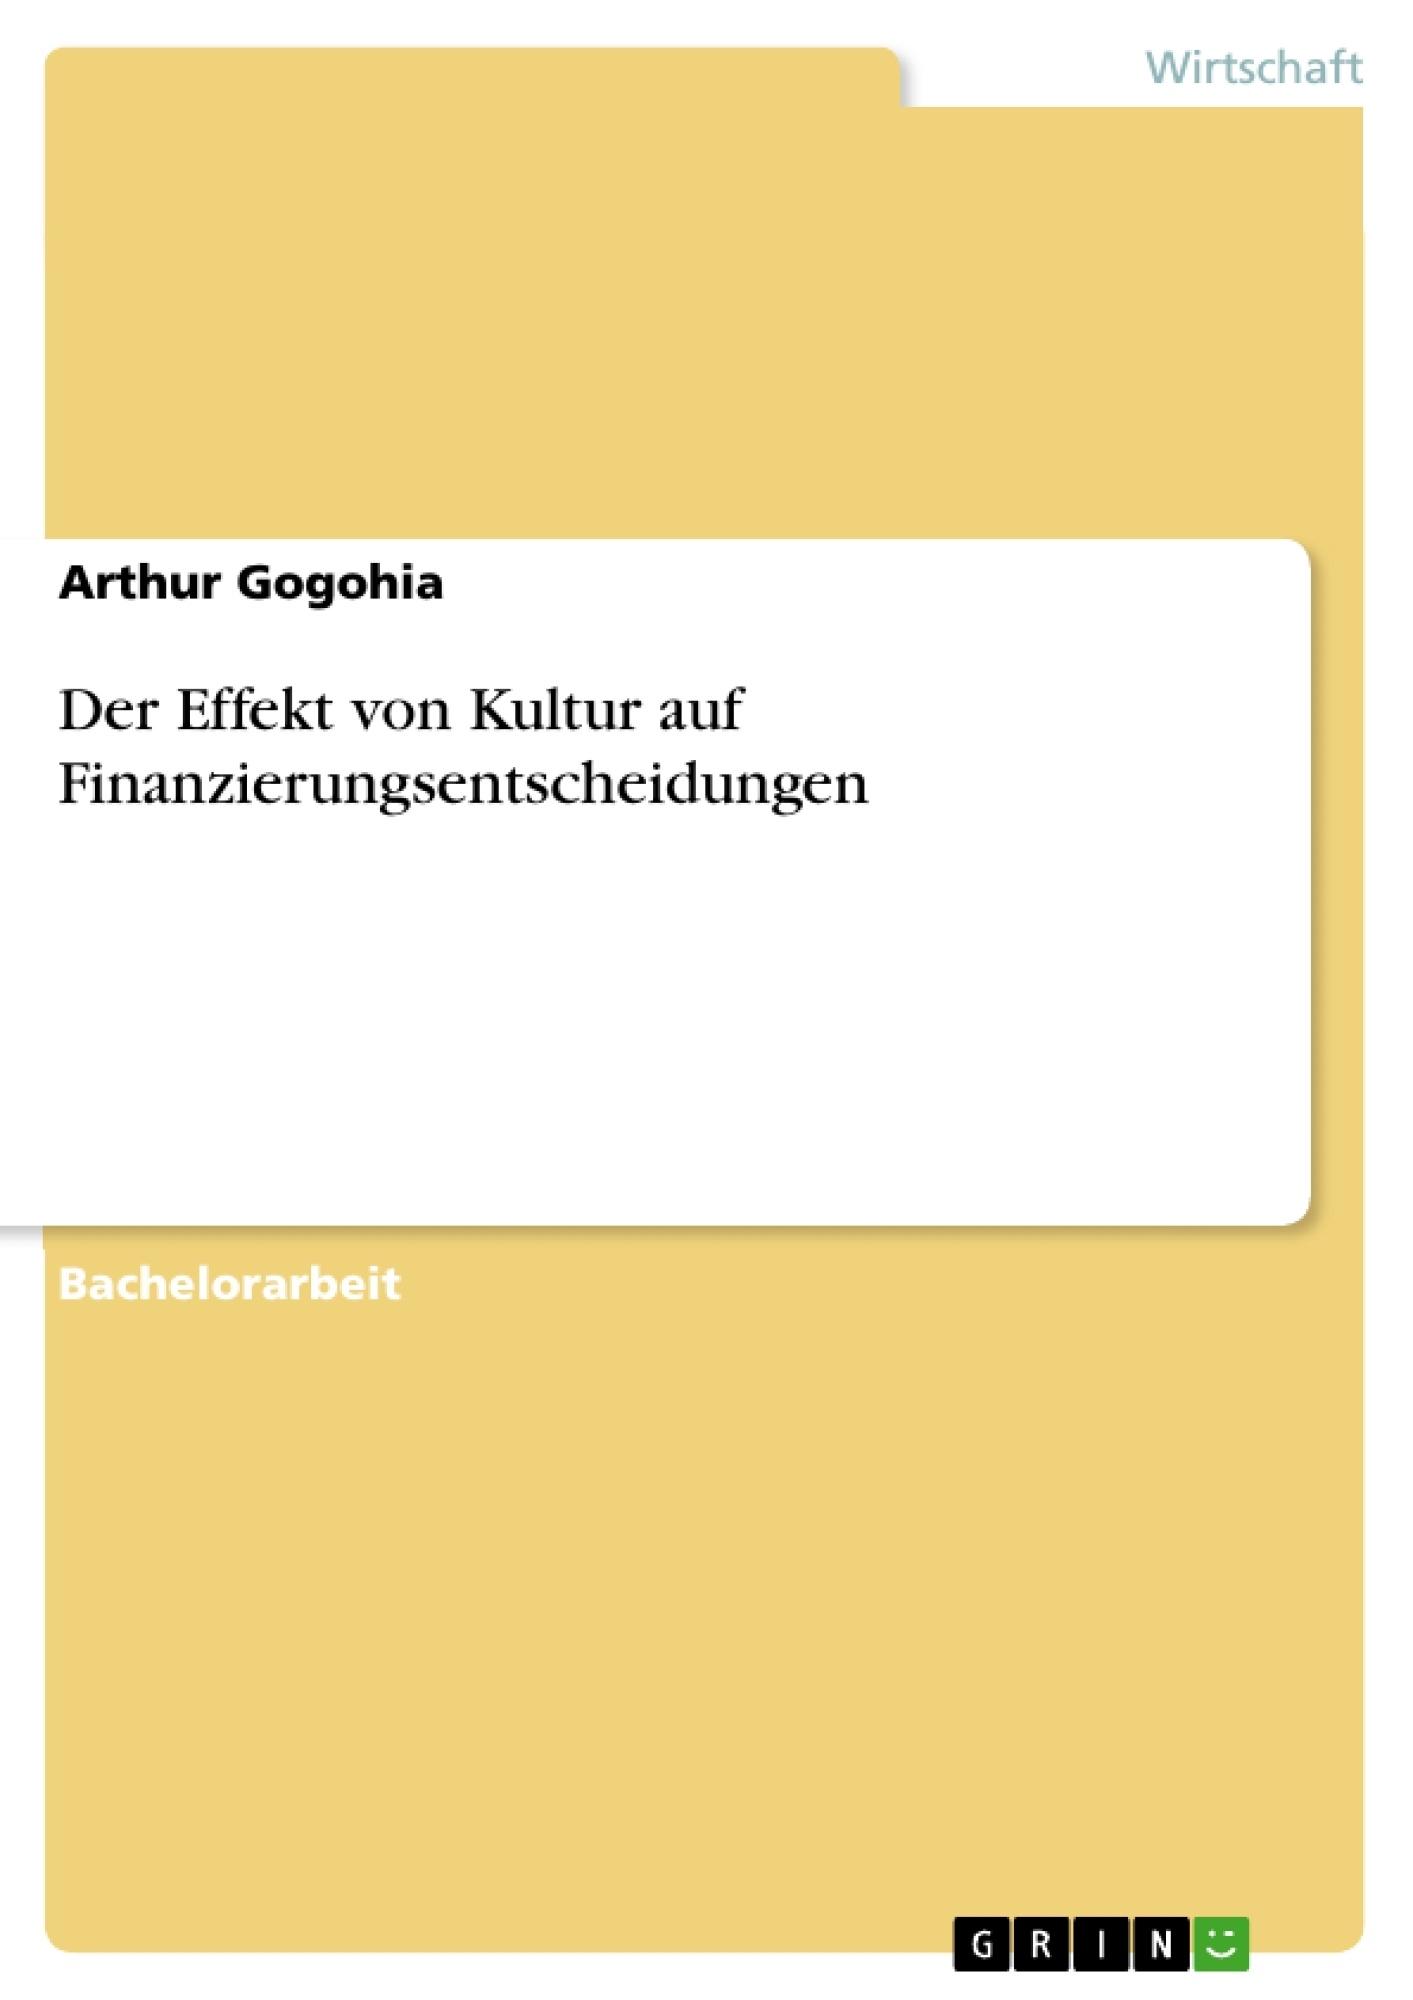 Titel: Der Effekt von Kultur auf Finanzierungsentscheidungen